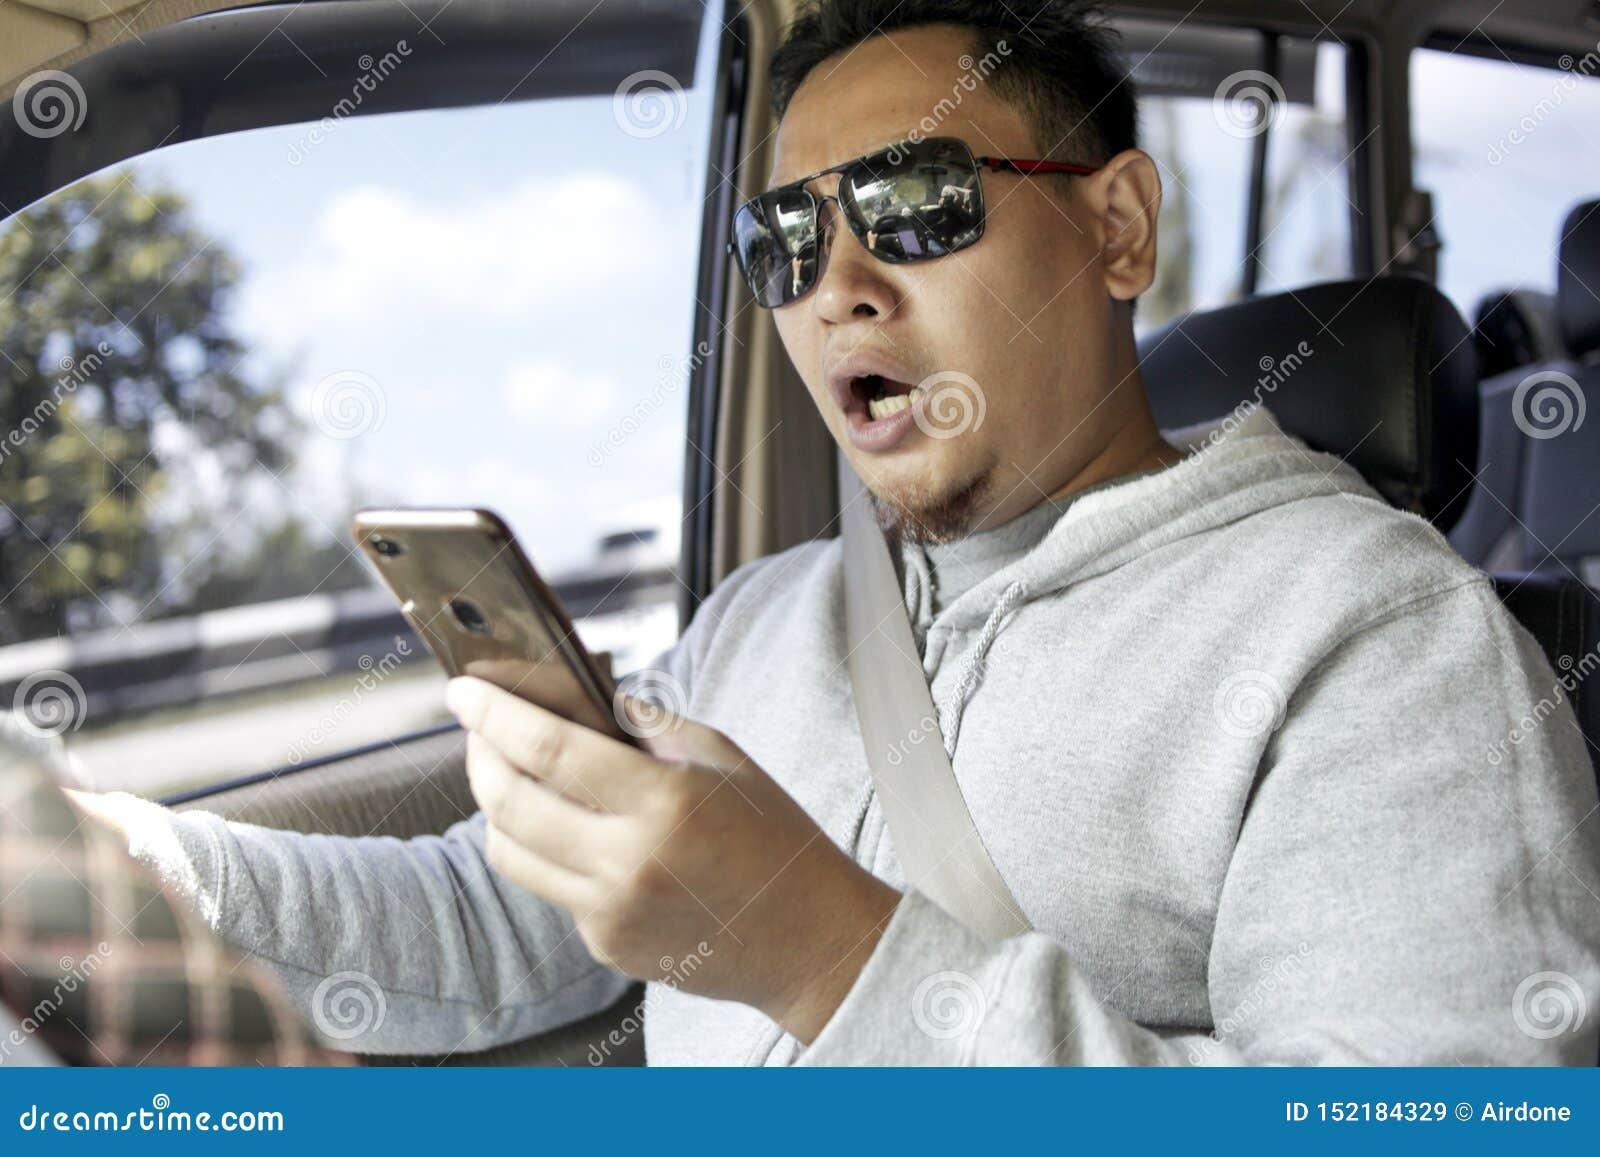 在智能手机的男性司机读书消息,当驾驶汽车时